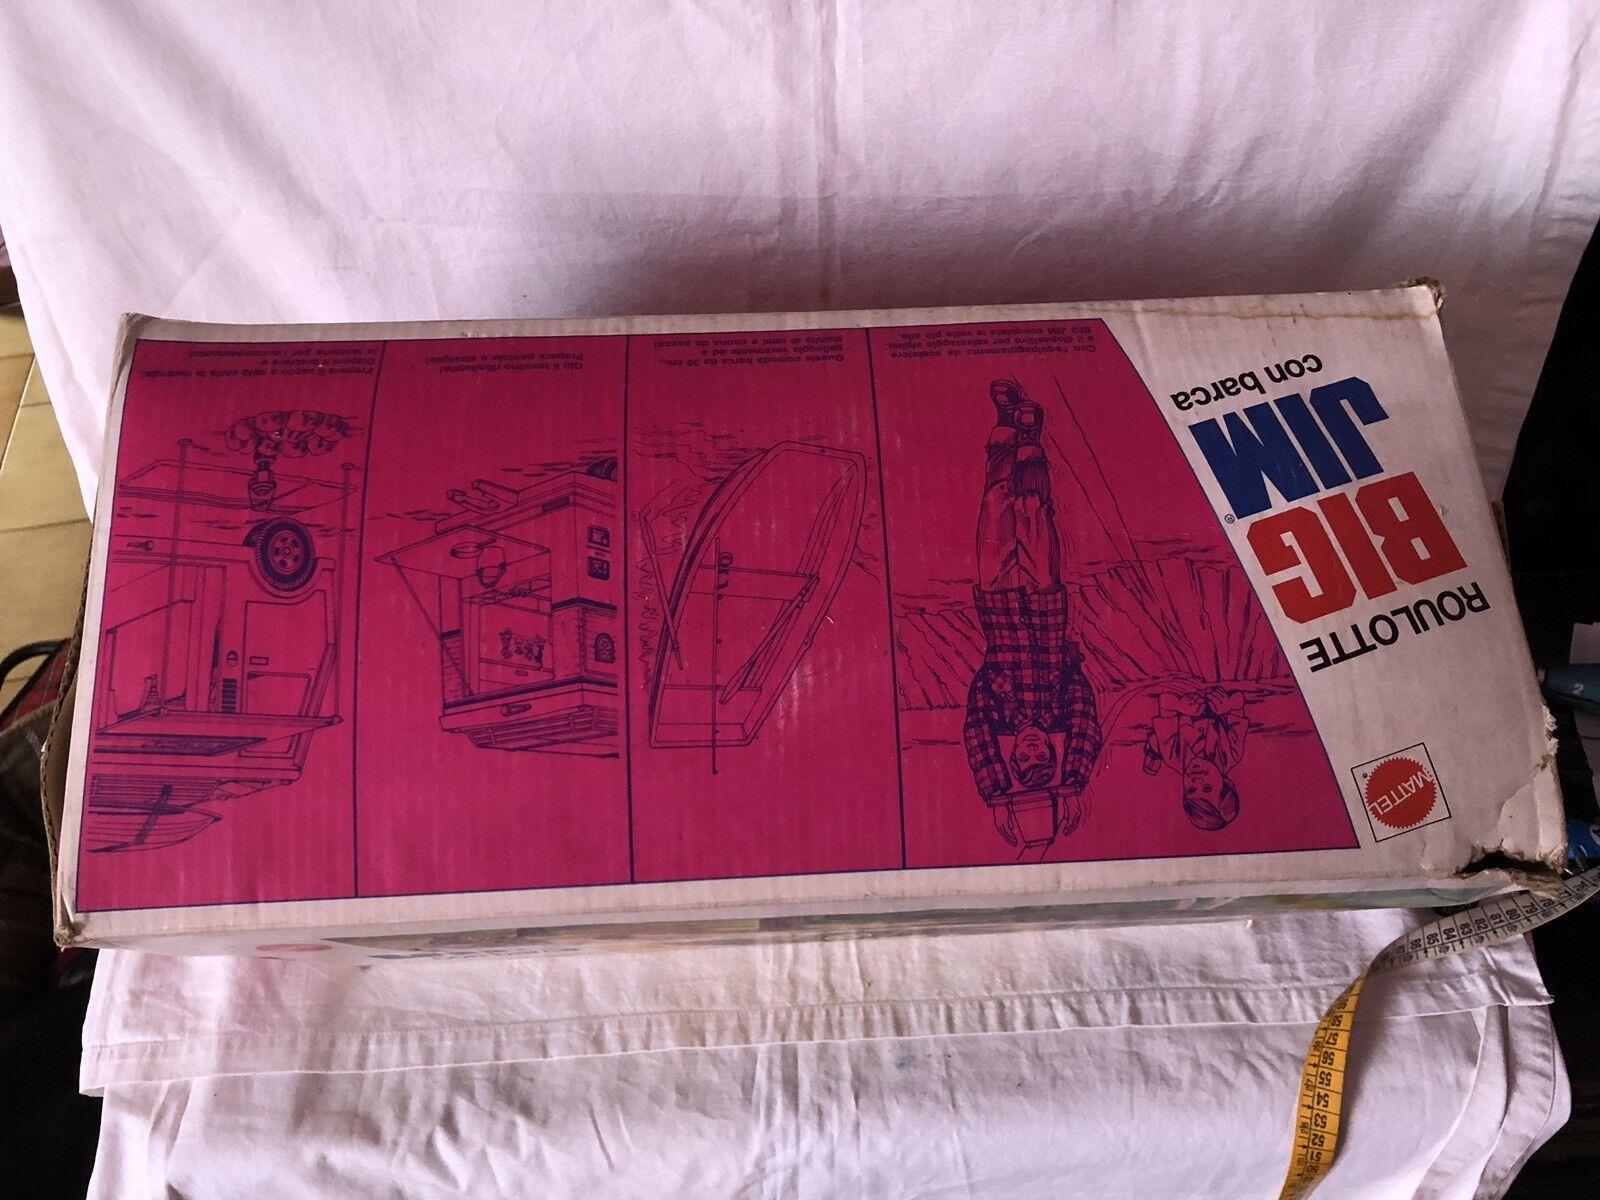 Big Jim Mattel Wohnmobil mit Stiefel Vintage Jahre '80